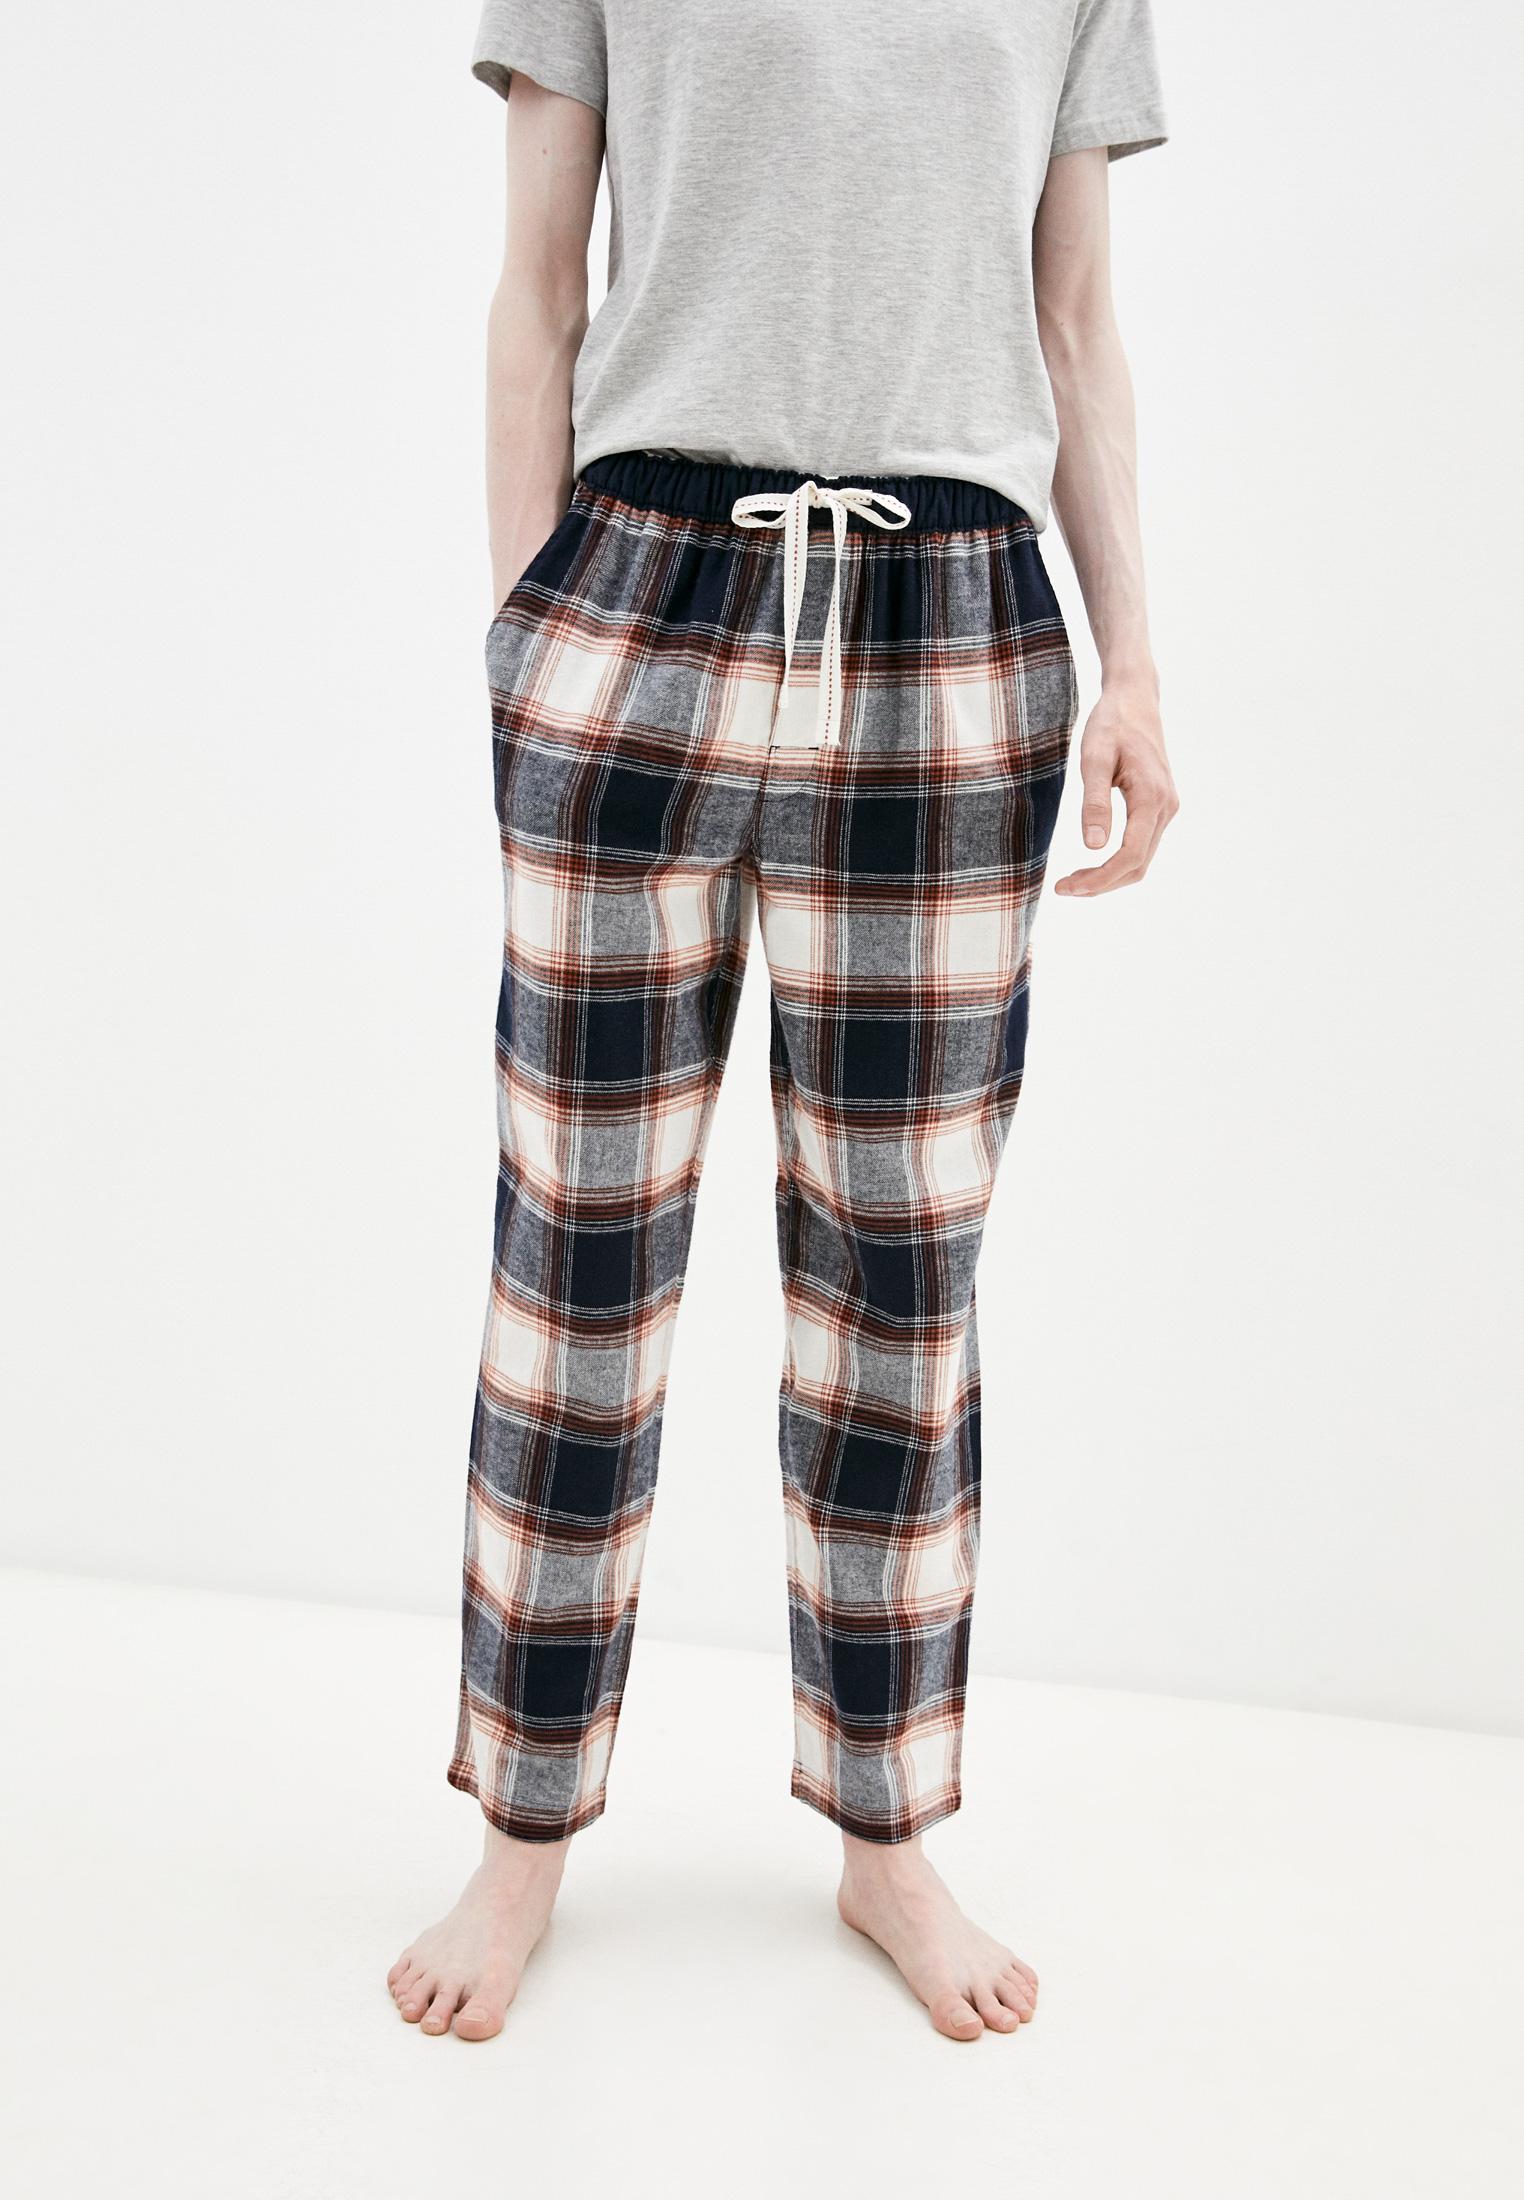 Мужские домашние брюки Marks & Spencer Брюки домашние Marks & Spencer